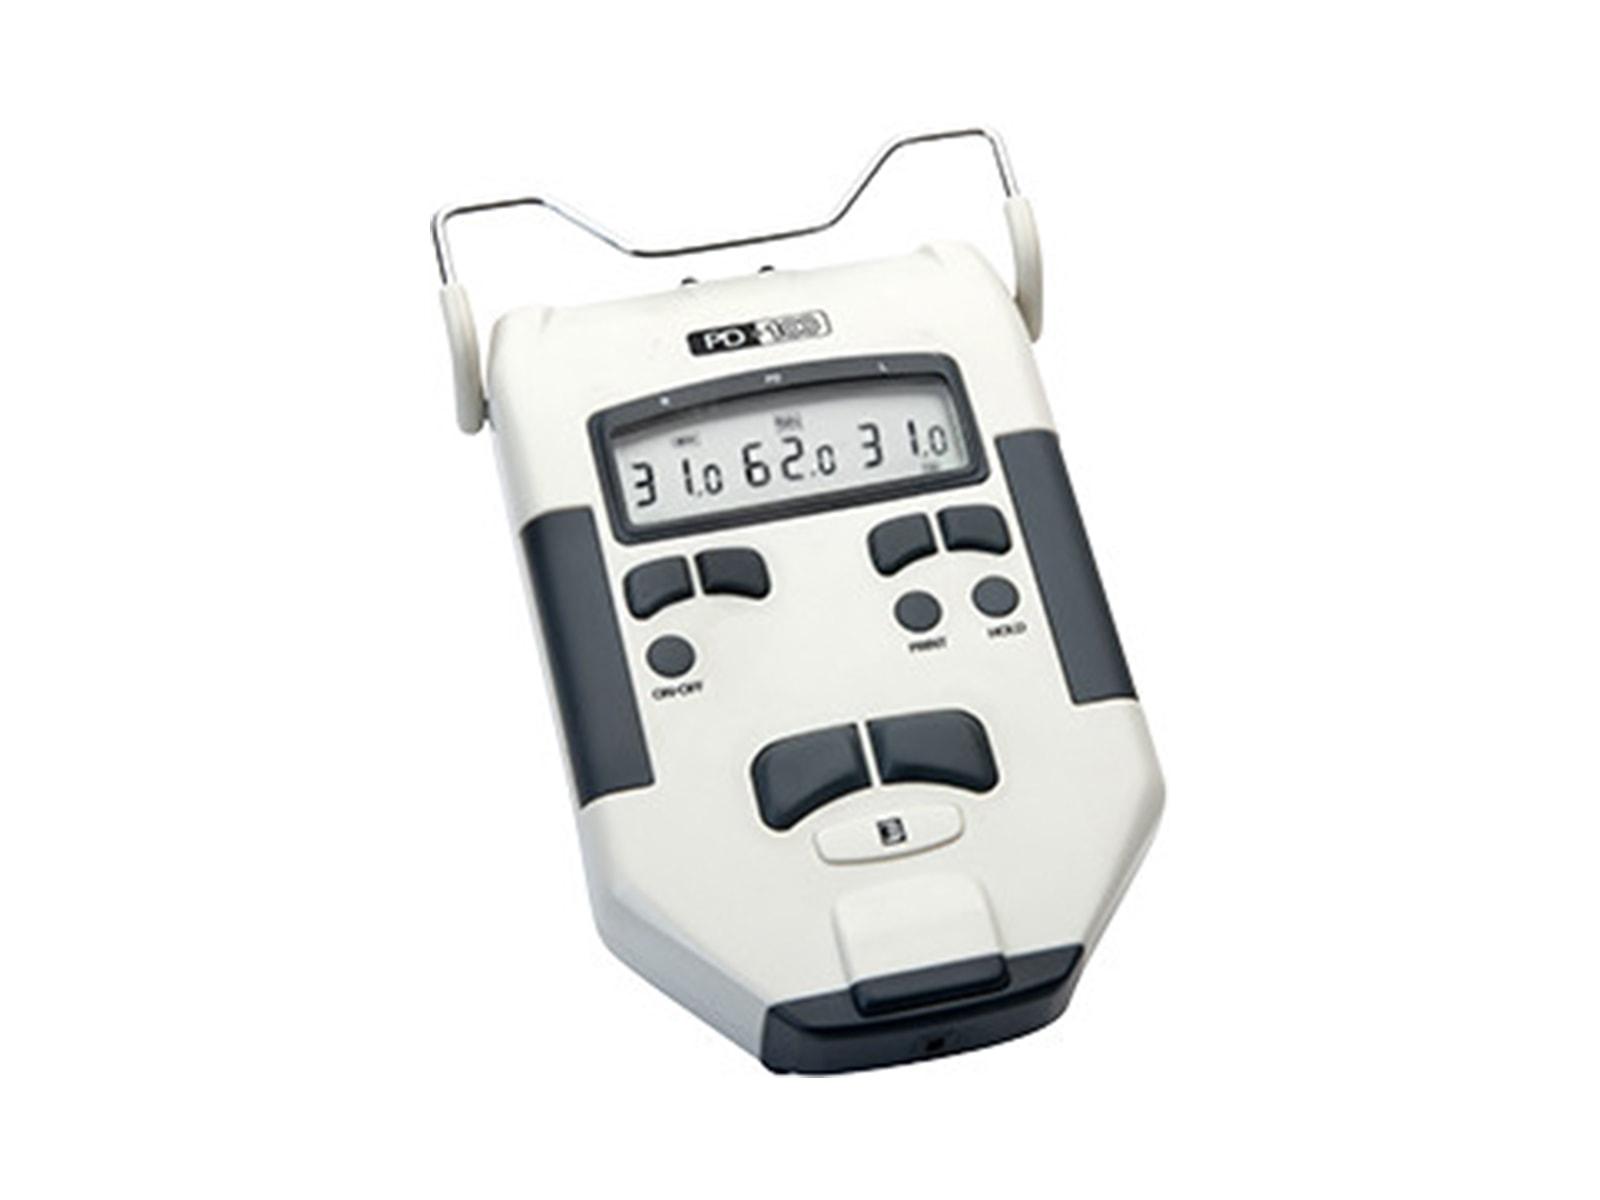 PD-100 Pupilometer